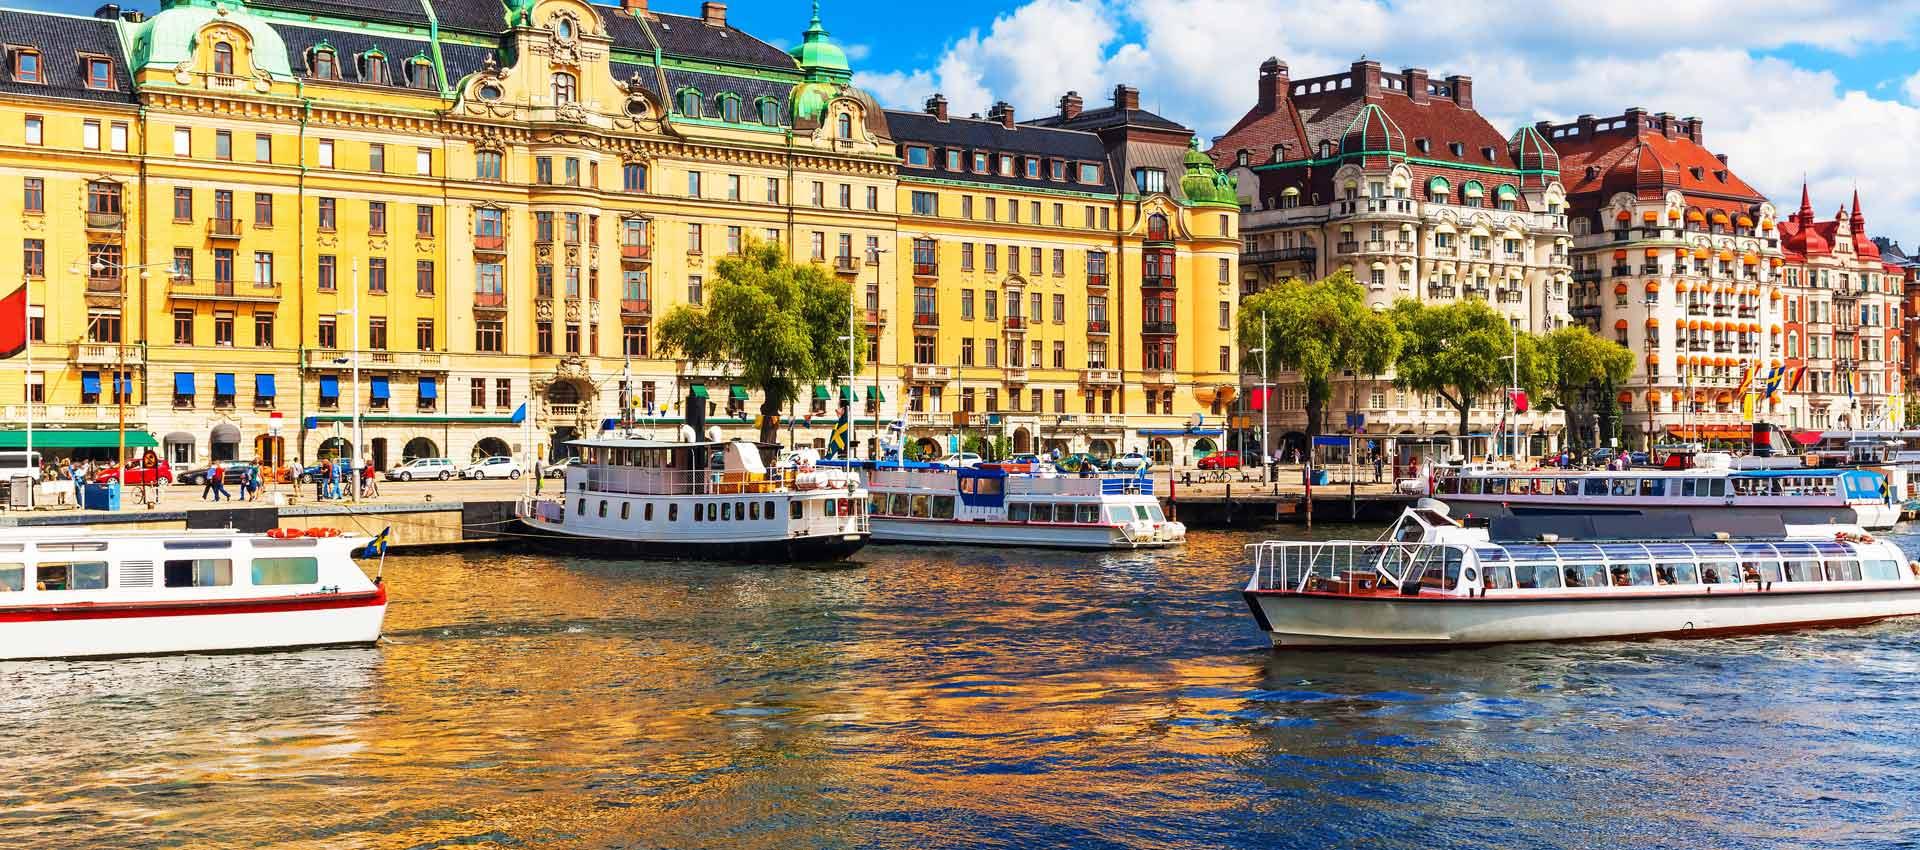 First Reisen Hotel, Stockholm